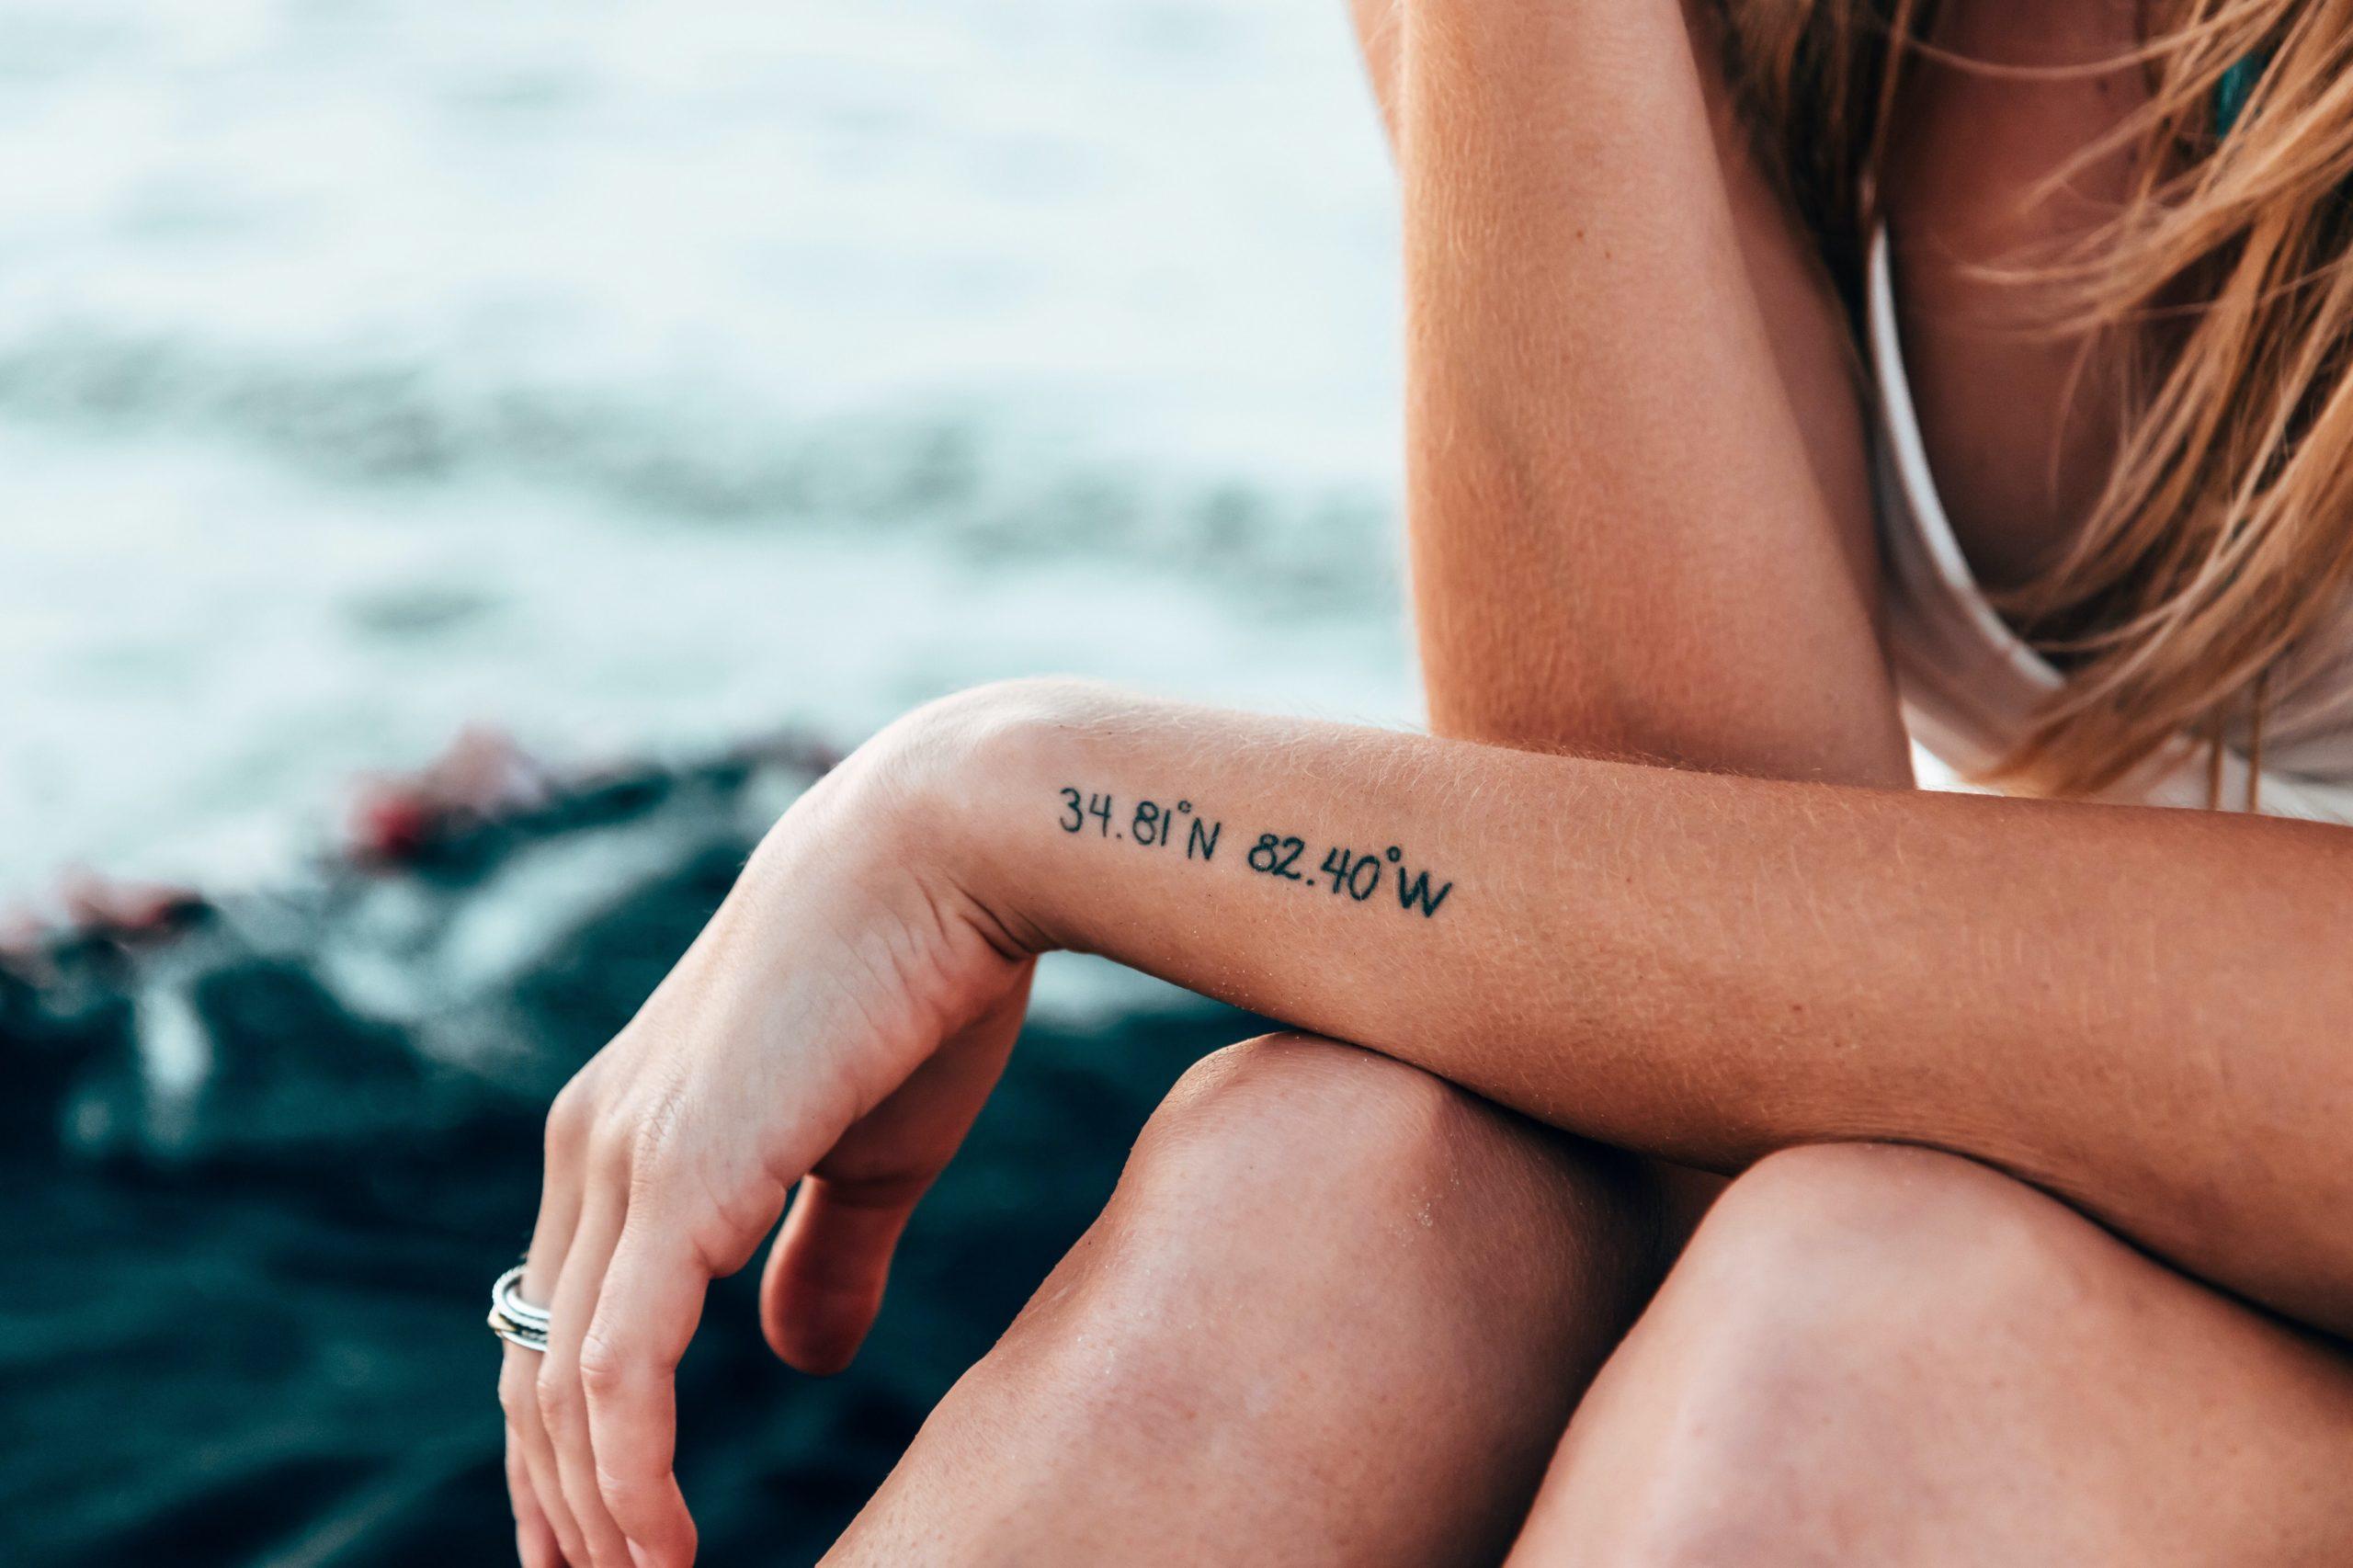 Buenas noticias: los tatuajes ya son legales en Japón